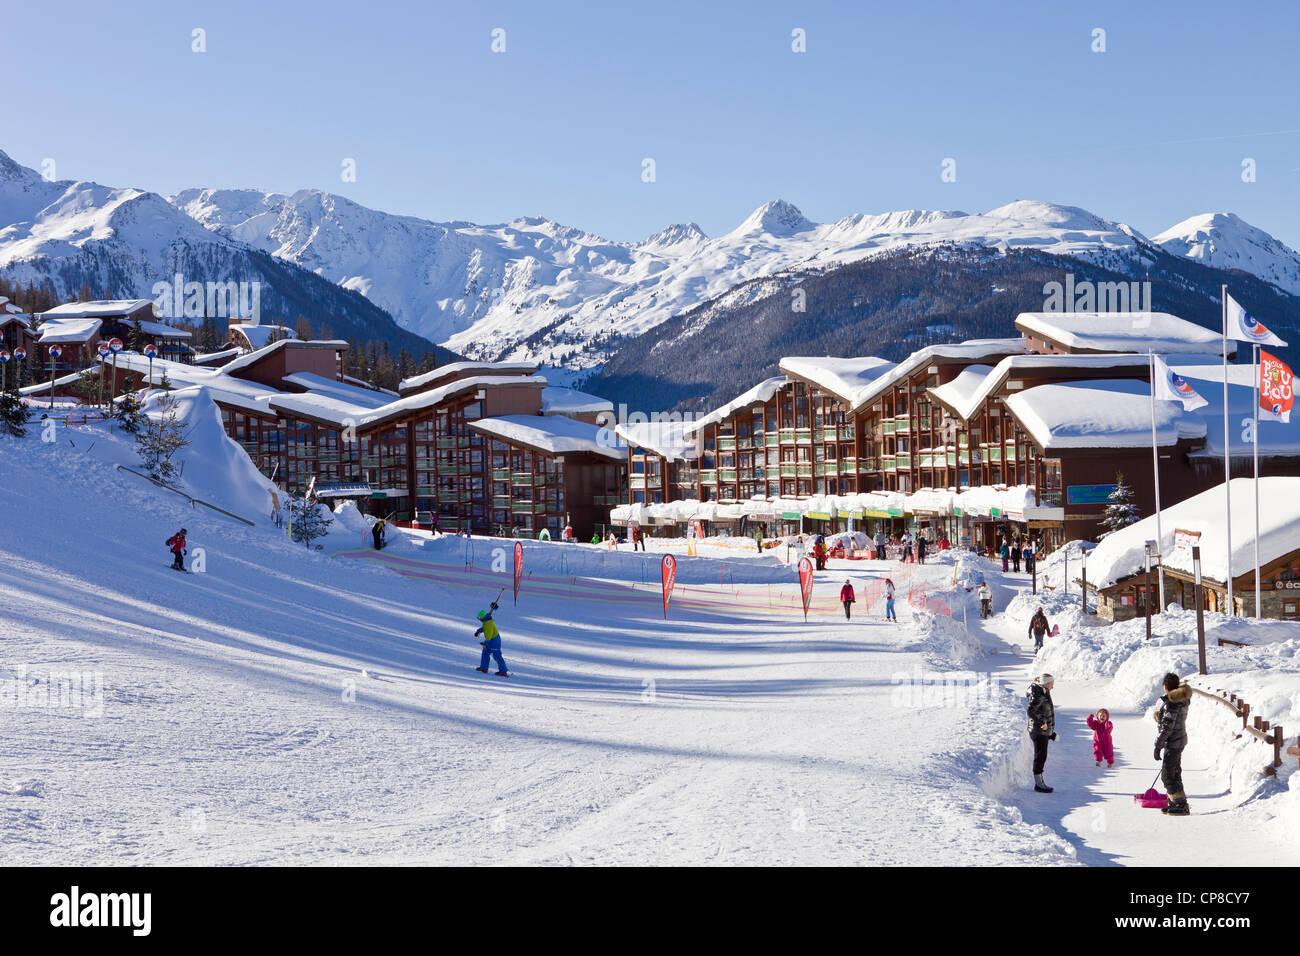 France, Savoie, Les Arcs 1800, Massif de La Vanoise, high Tarentaise valley - Stock Image